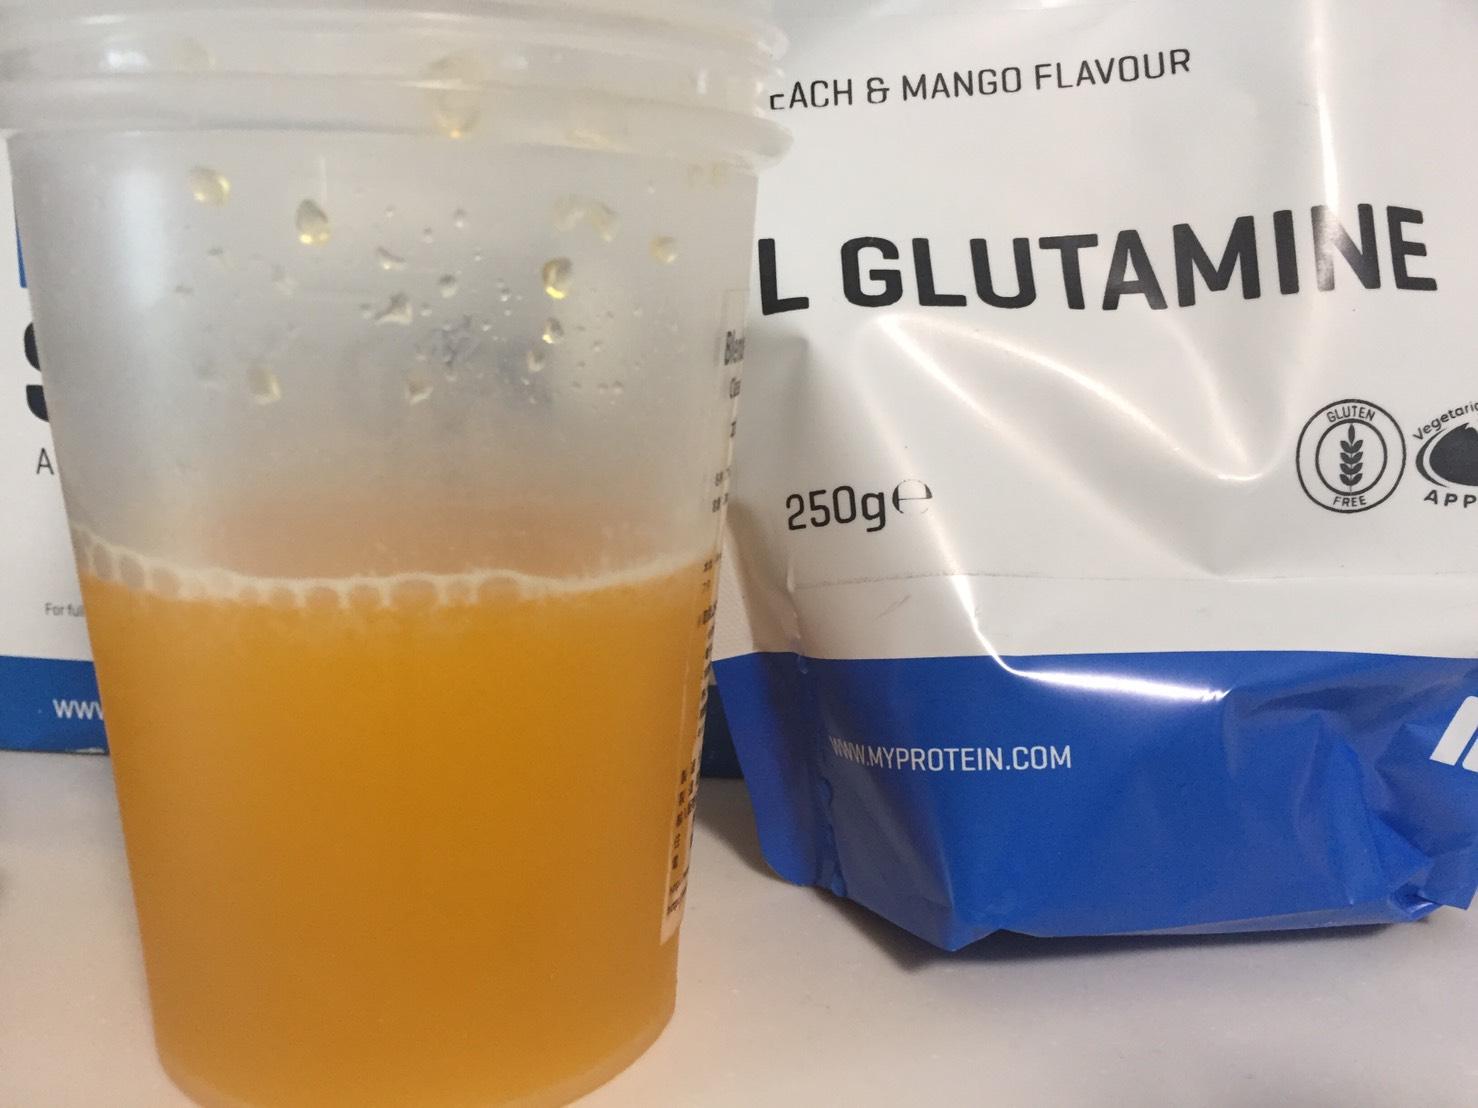 L-グルタミン「PEACH&MANGO FLAVOUR(ピーチ&マンゴー味)」を横から撮影した様子